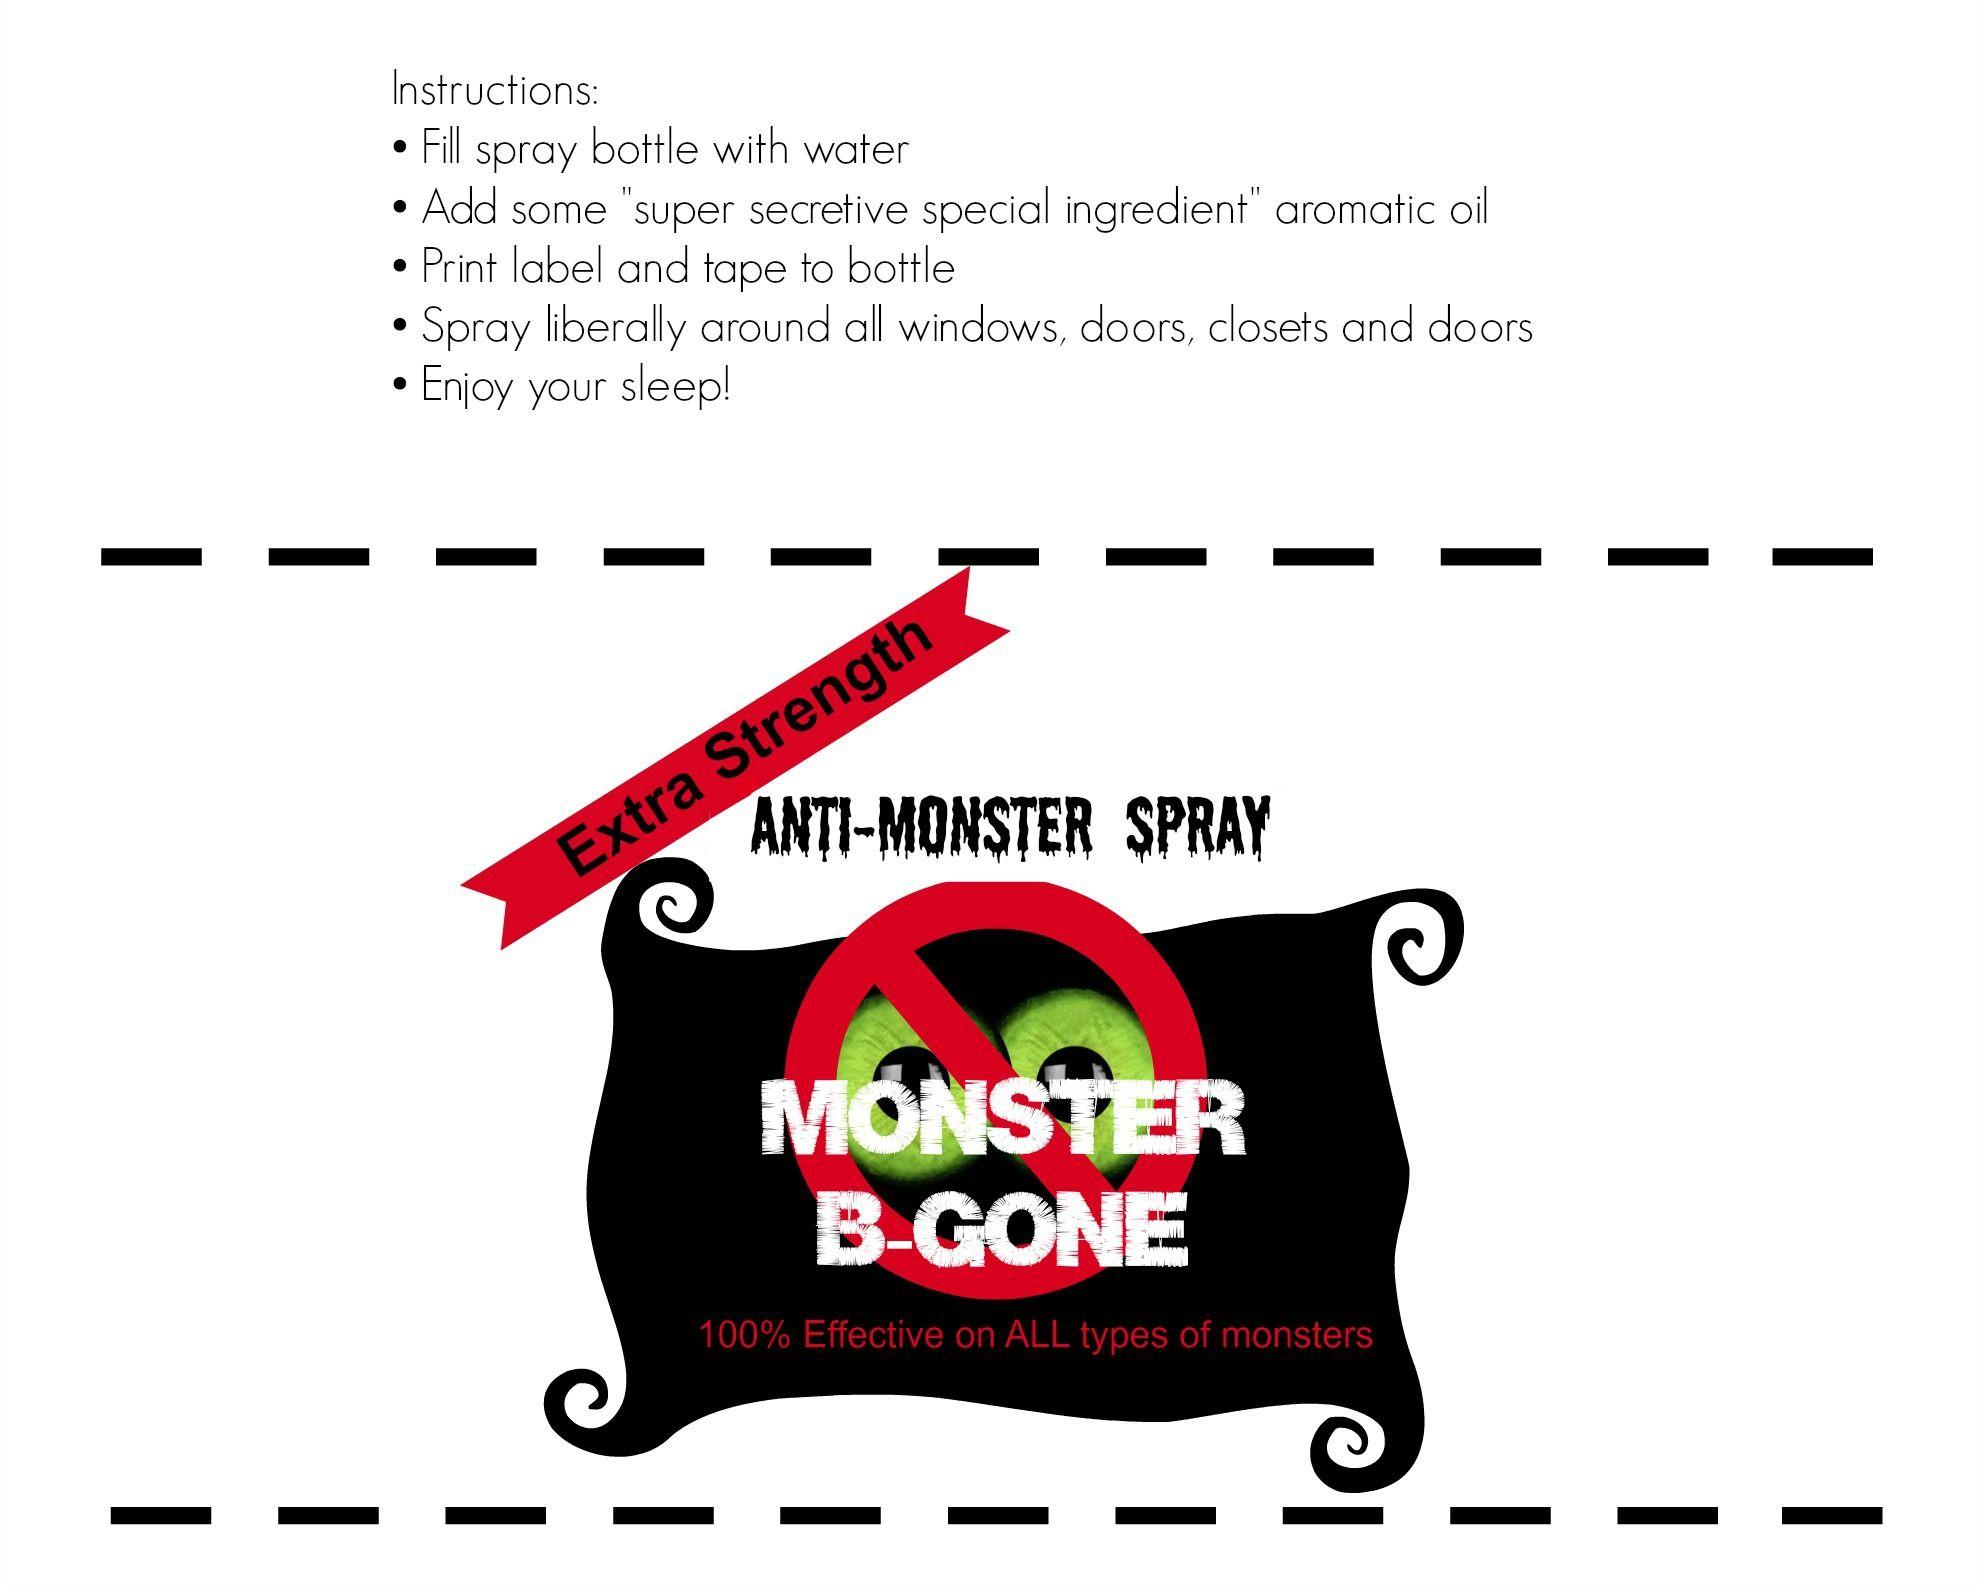 monster-spray-4.jpg 1'983×1'586 pixels